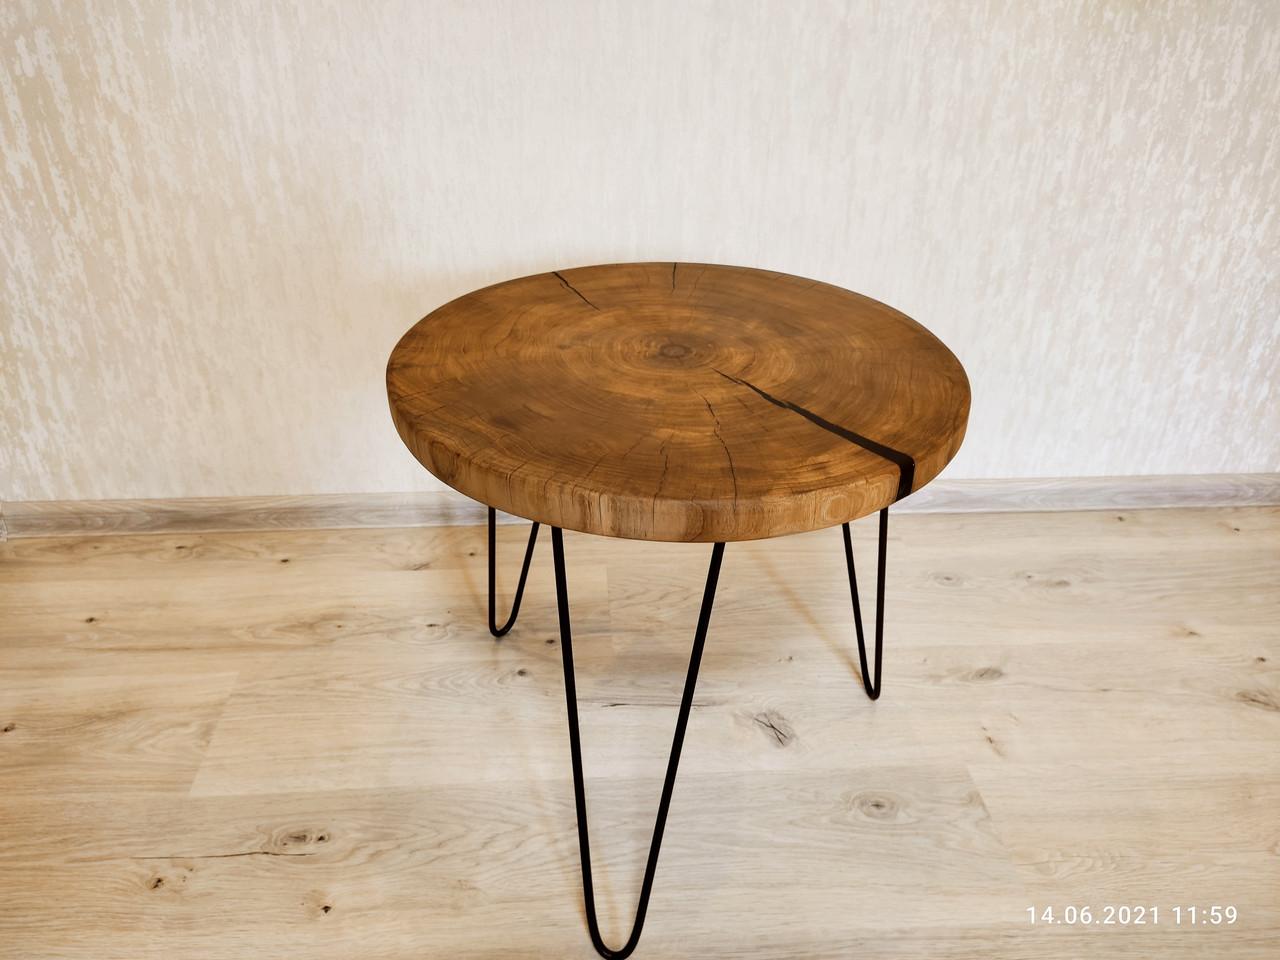 Журнальний круглий столик з натурального дерева Ясний 50 див. Кавовий столик для вітальні. Столик лофт